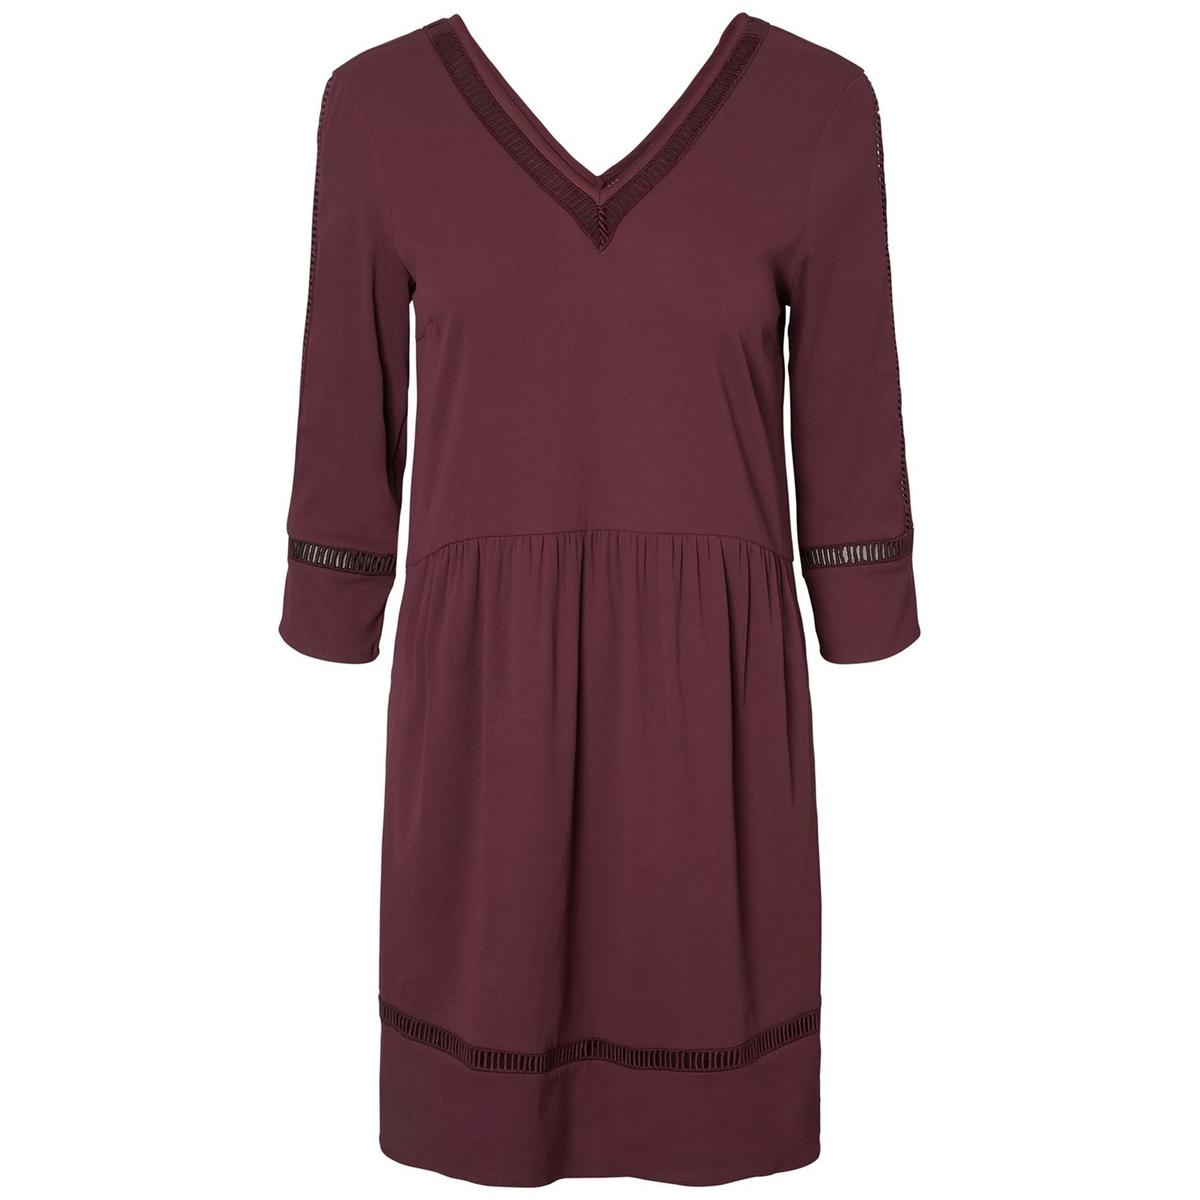 Платье укороченное с V-образным вырезом и рукавами 3/4 b screen b156xw02 v 2 v 0 v 3 v 6 fit b156xtn02 claa156wb11a n156b6 l04 n156b6 l0b bt156gw01 n156bge l21 lp156wh4 tla1 tlc1 b1